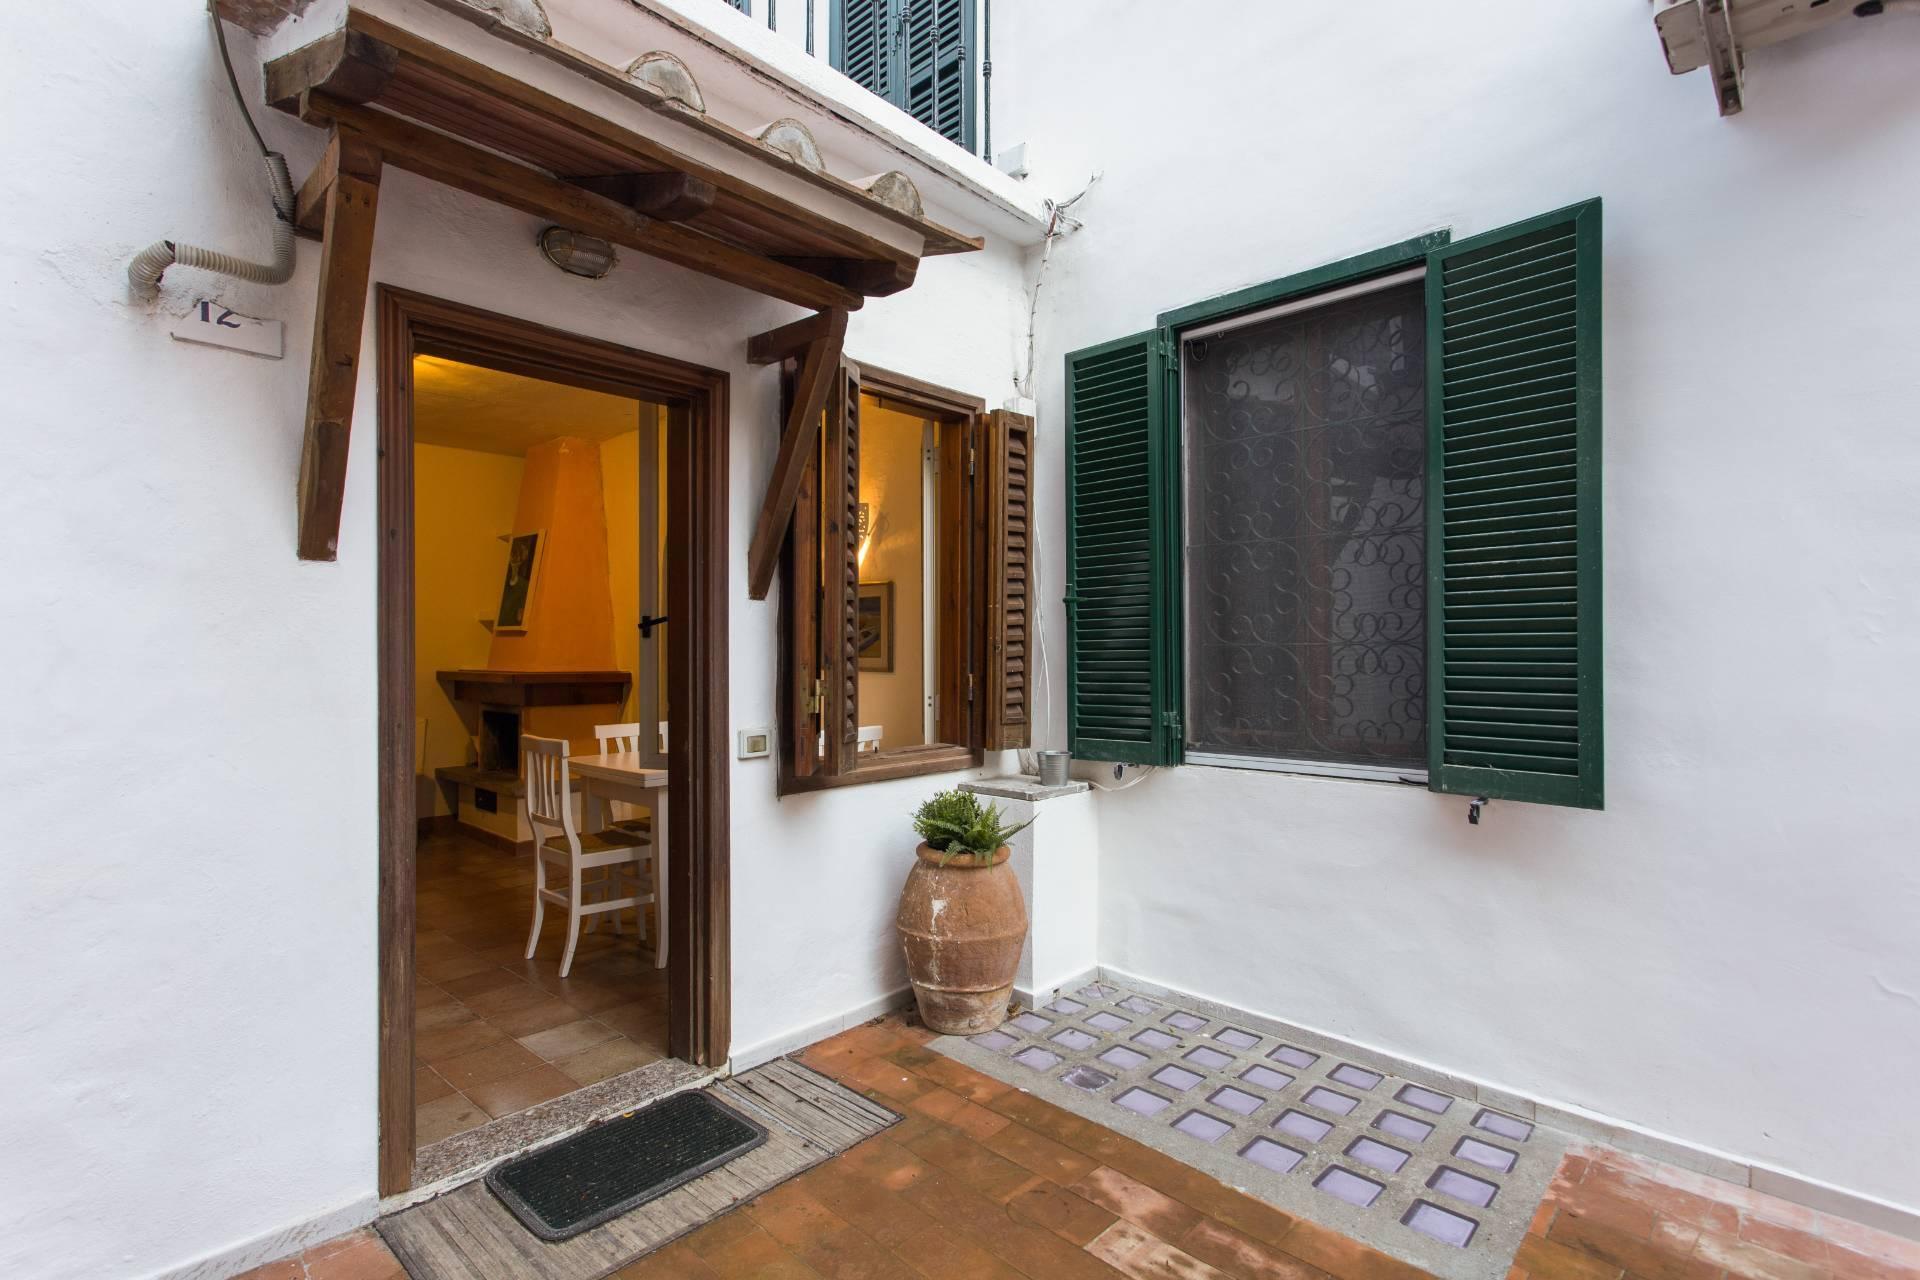 Casa indipendente in Vendita a Monte Argentario: 5 locali, 300 mq - Foto 8